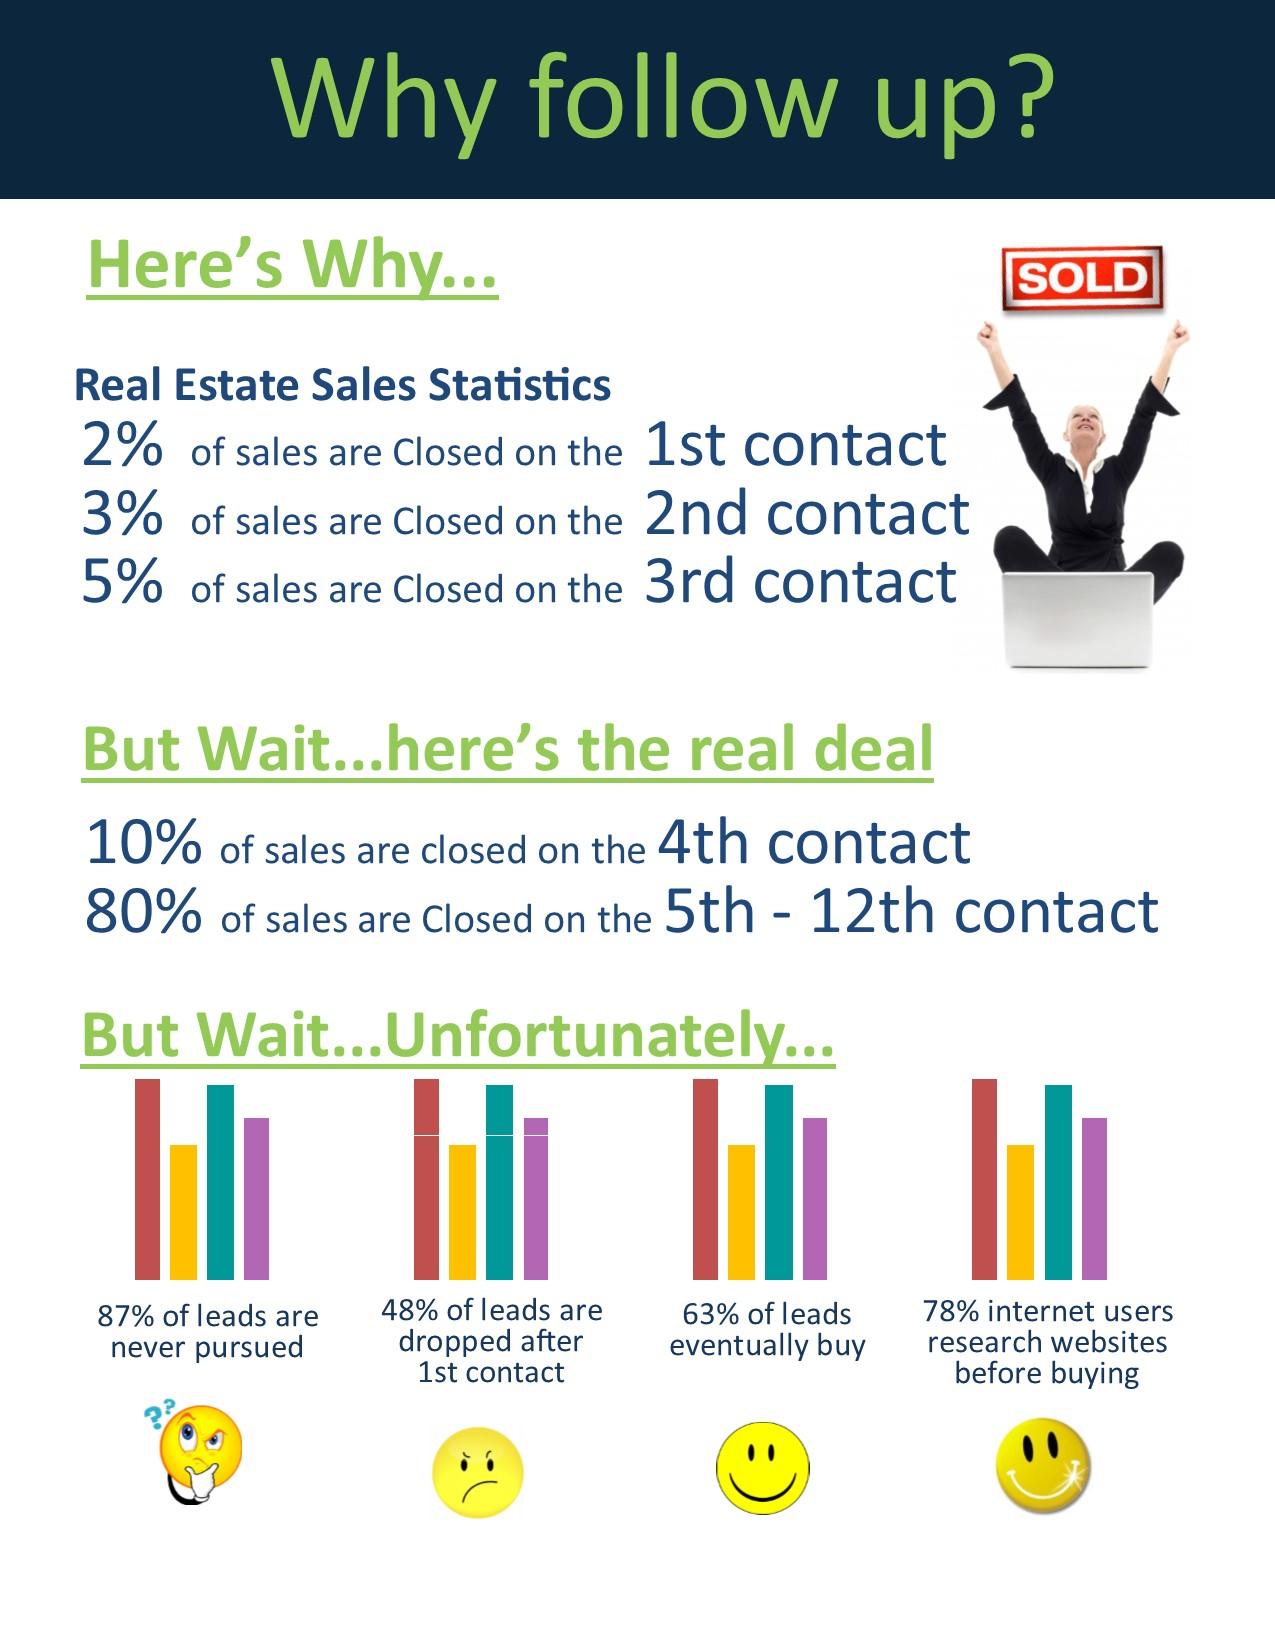 Why Make Calls - Stats